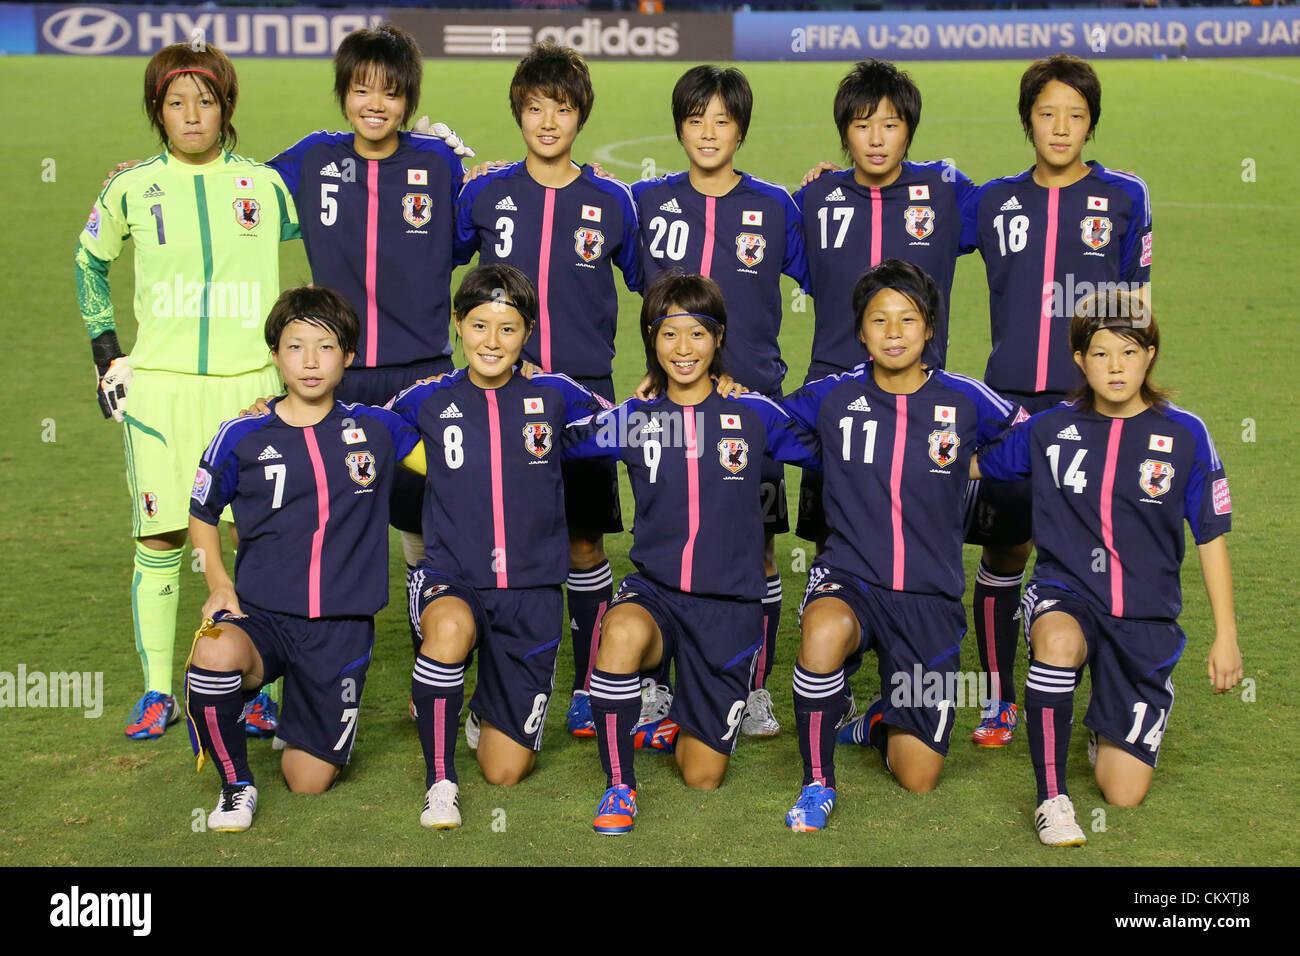 South Korea Team Line Up Match Imágenes De Stock   South Korea Team ... 17791ce0f7526